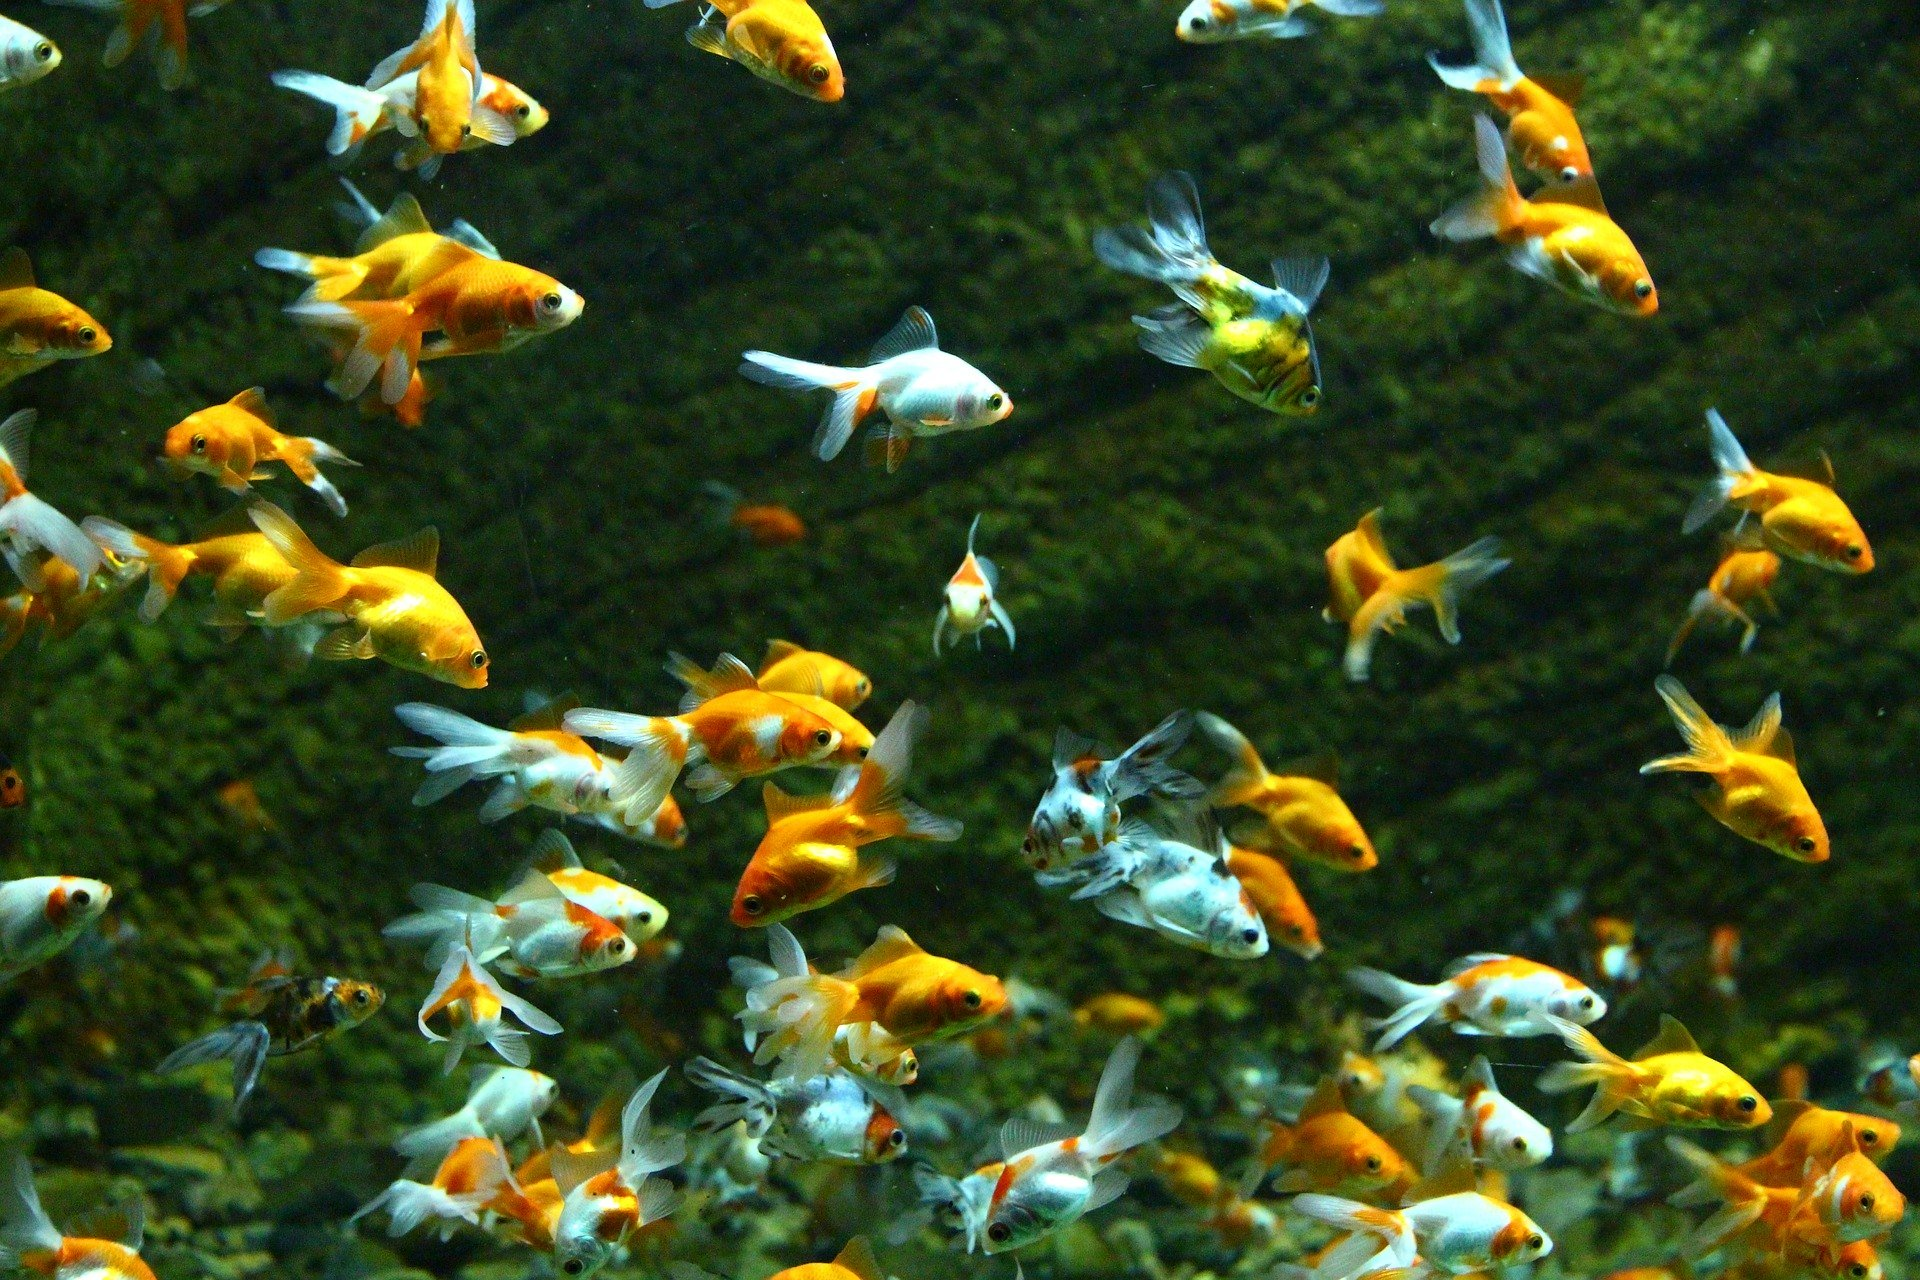 Teichfische machen diese Gartenverzierung attraktiver. Häufige Arten sind Rosenheu und goldener Orfa.